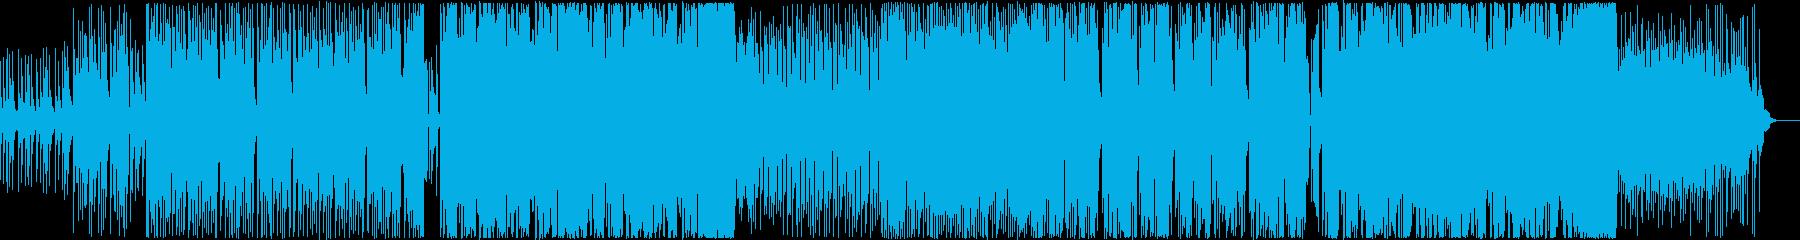 EDM系 マシュメロぽい曲-12の再生済みの波形